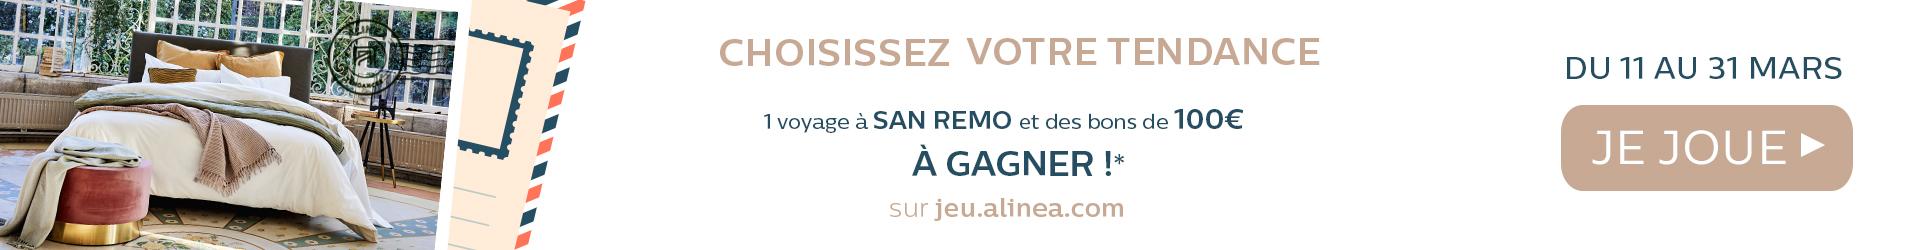 alinea-Jeu-concours